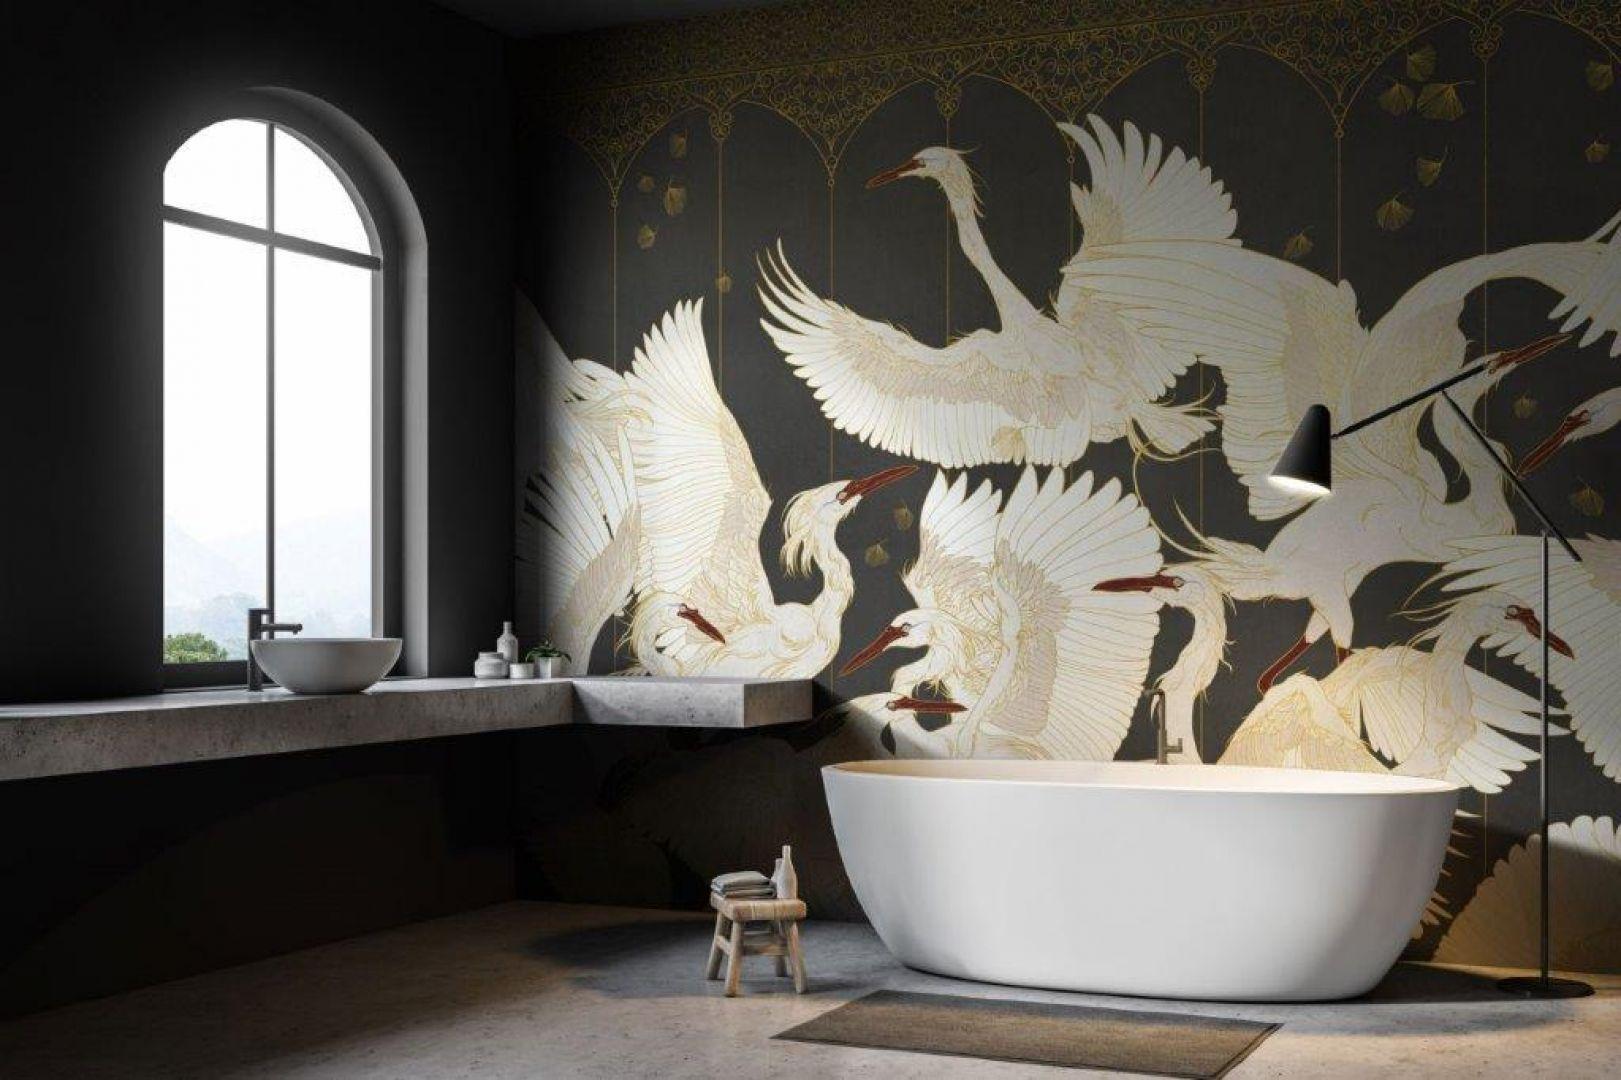 Tapety Tecnografica Italian Wallcoverings, wzór La-Danse. Carpet Studio. Fot. Carpet Studio